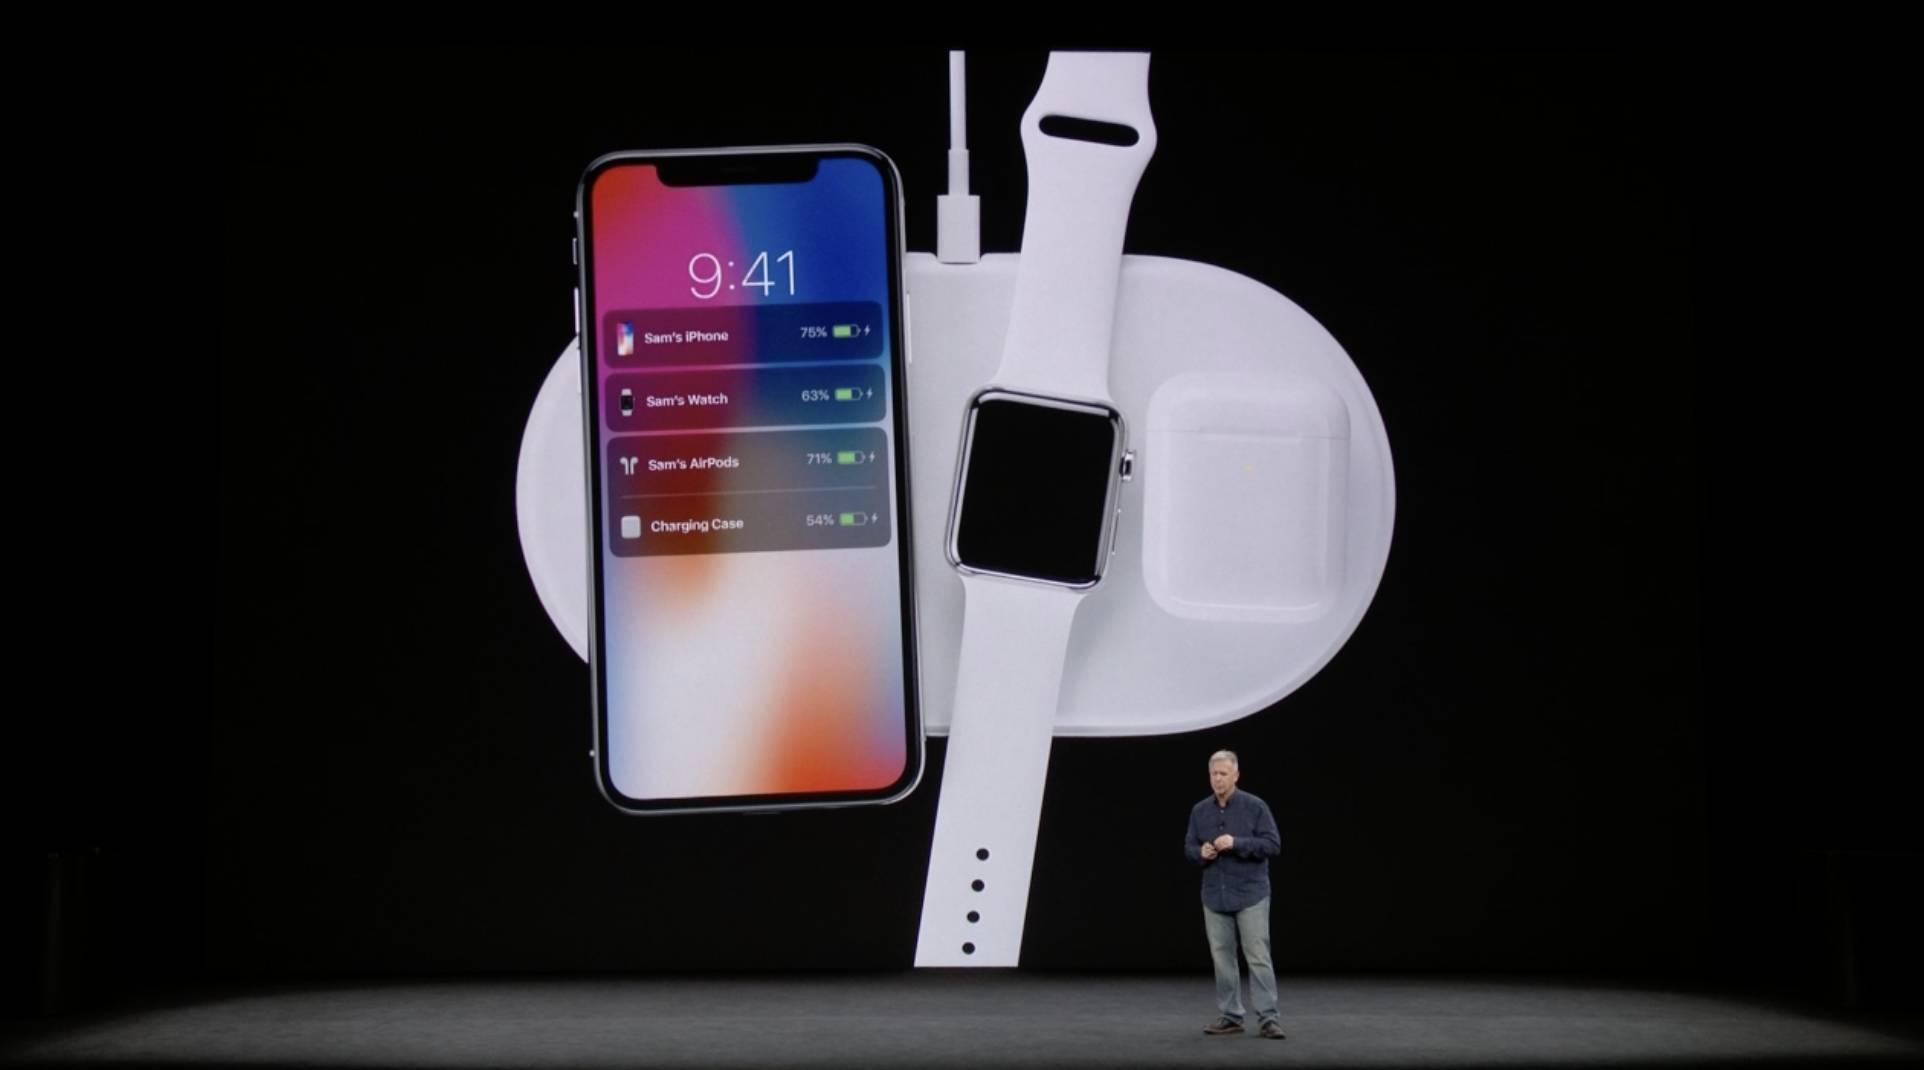 苹果主要供应商业绩预期不佳 引爆iPhone需求悲观前景